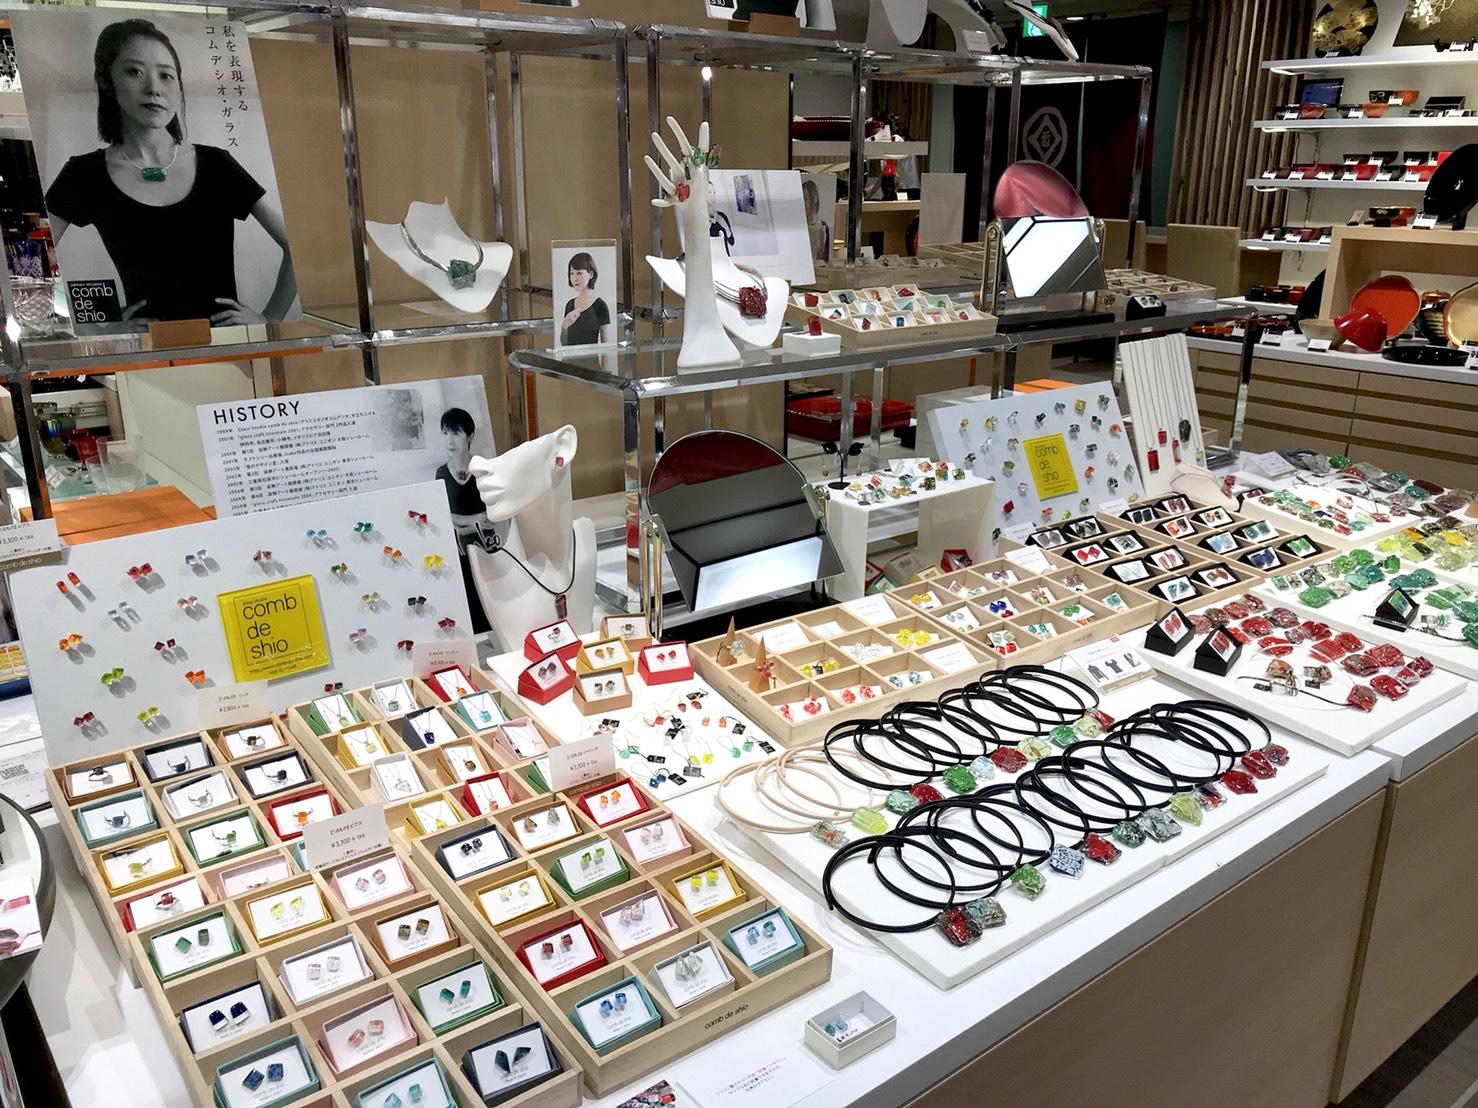 松坂屋名古屋店での展示会はおかげさまで大盛況です!